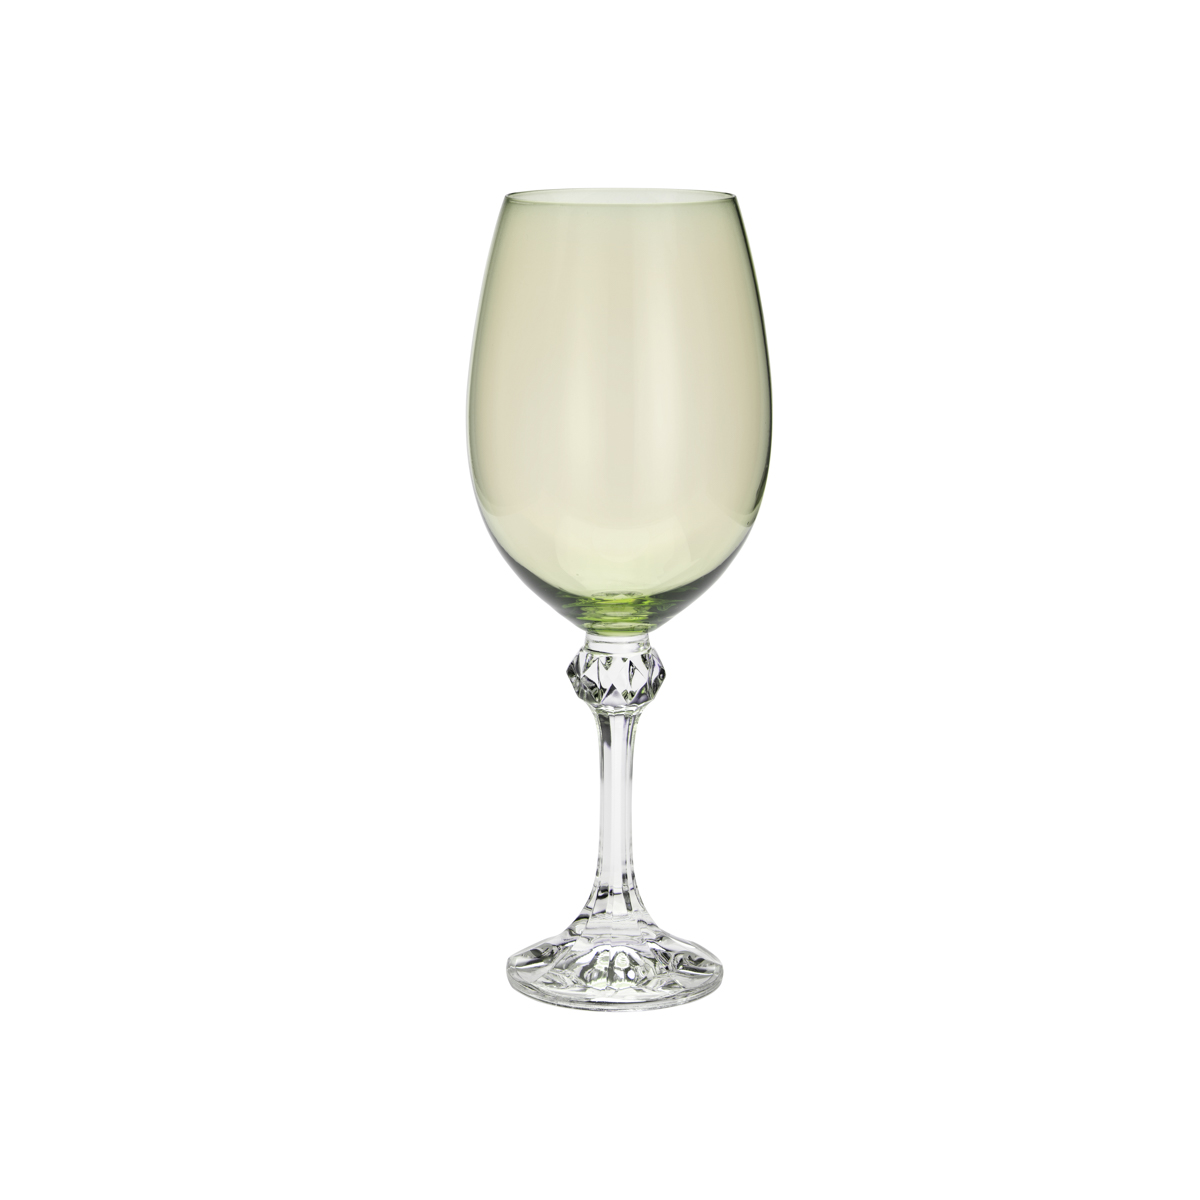 Jogo de 6 Taças para Vinho em Cristal Ecológico Bohemia Elisa Kale Verde 450ml